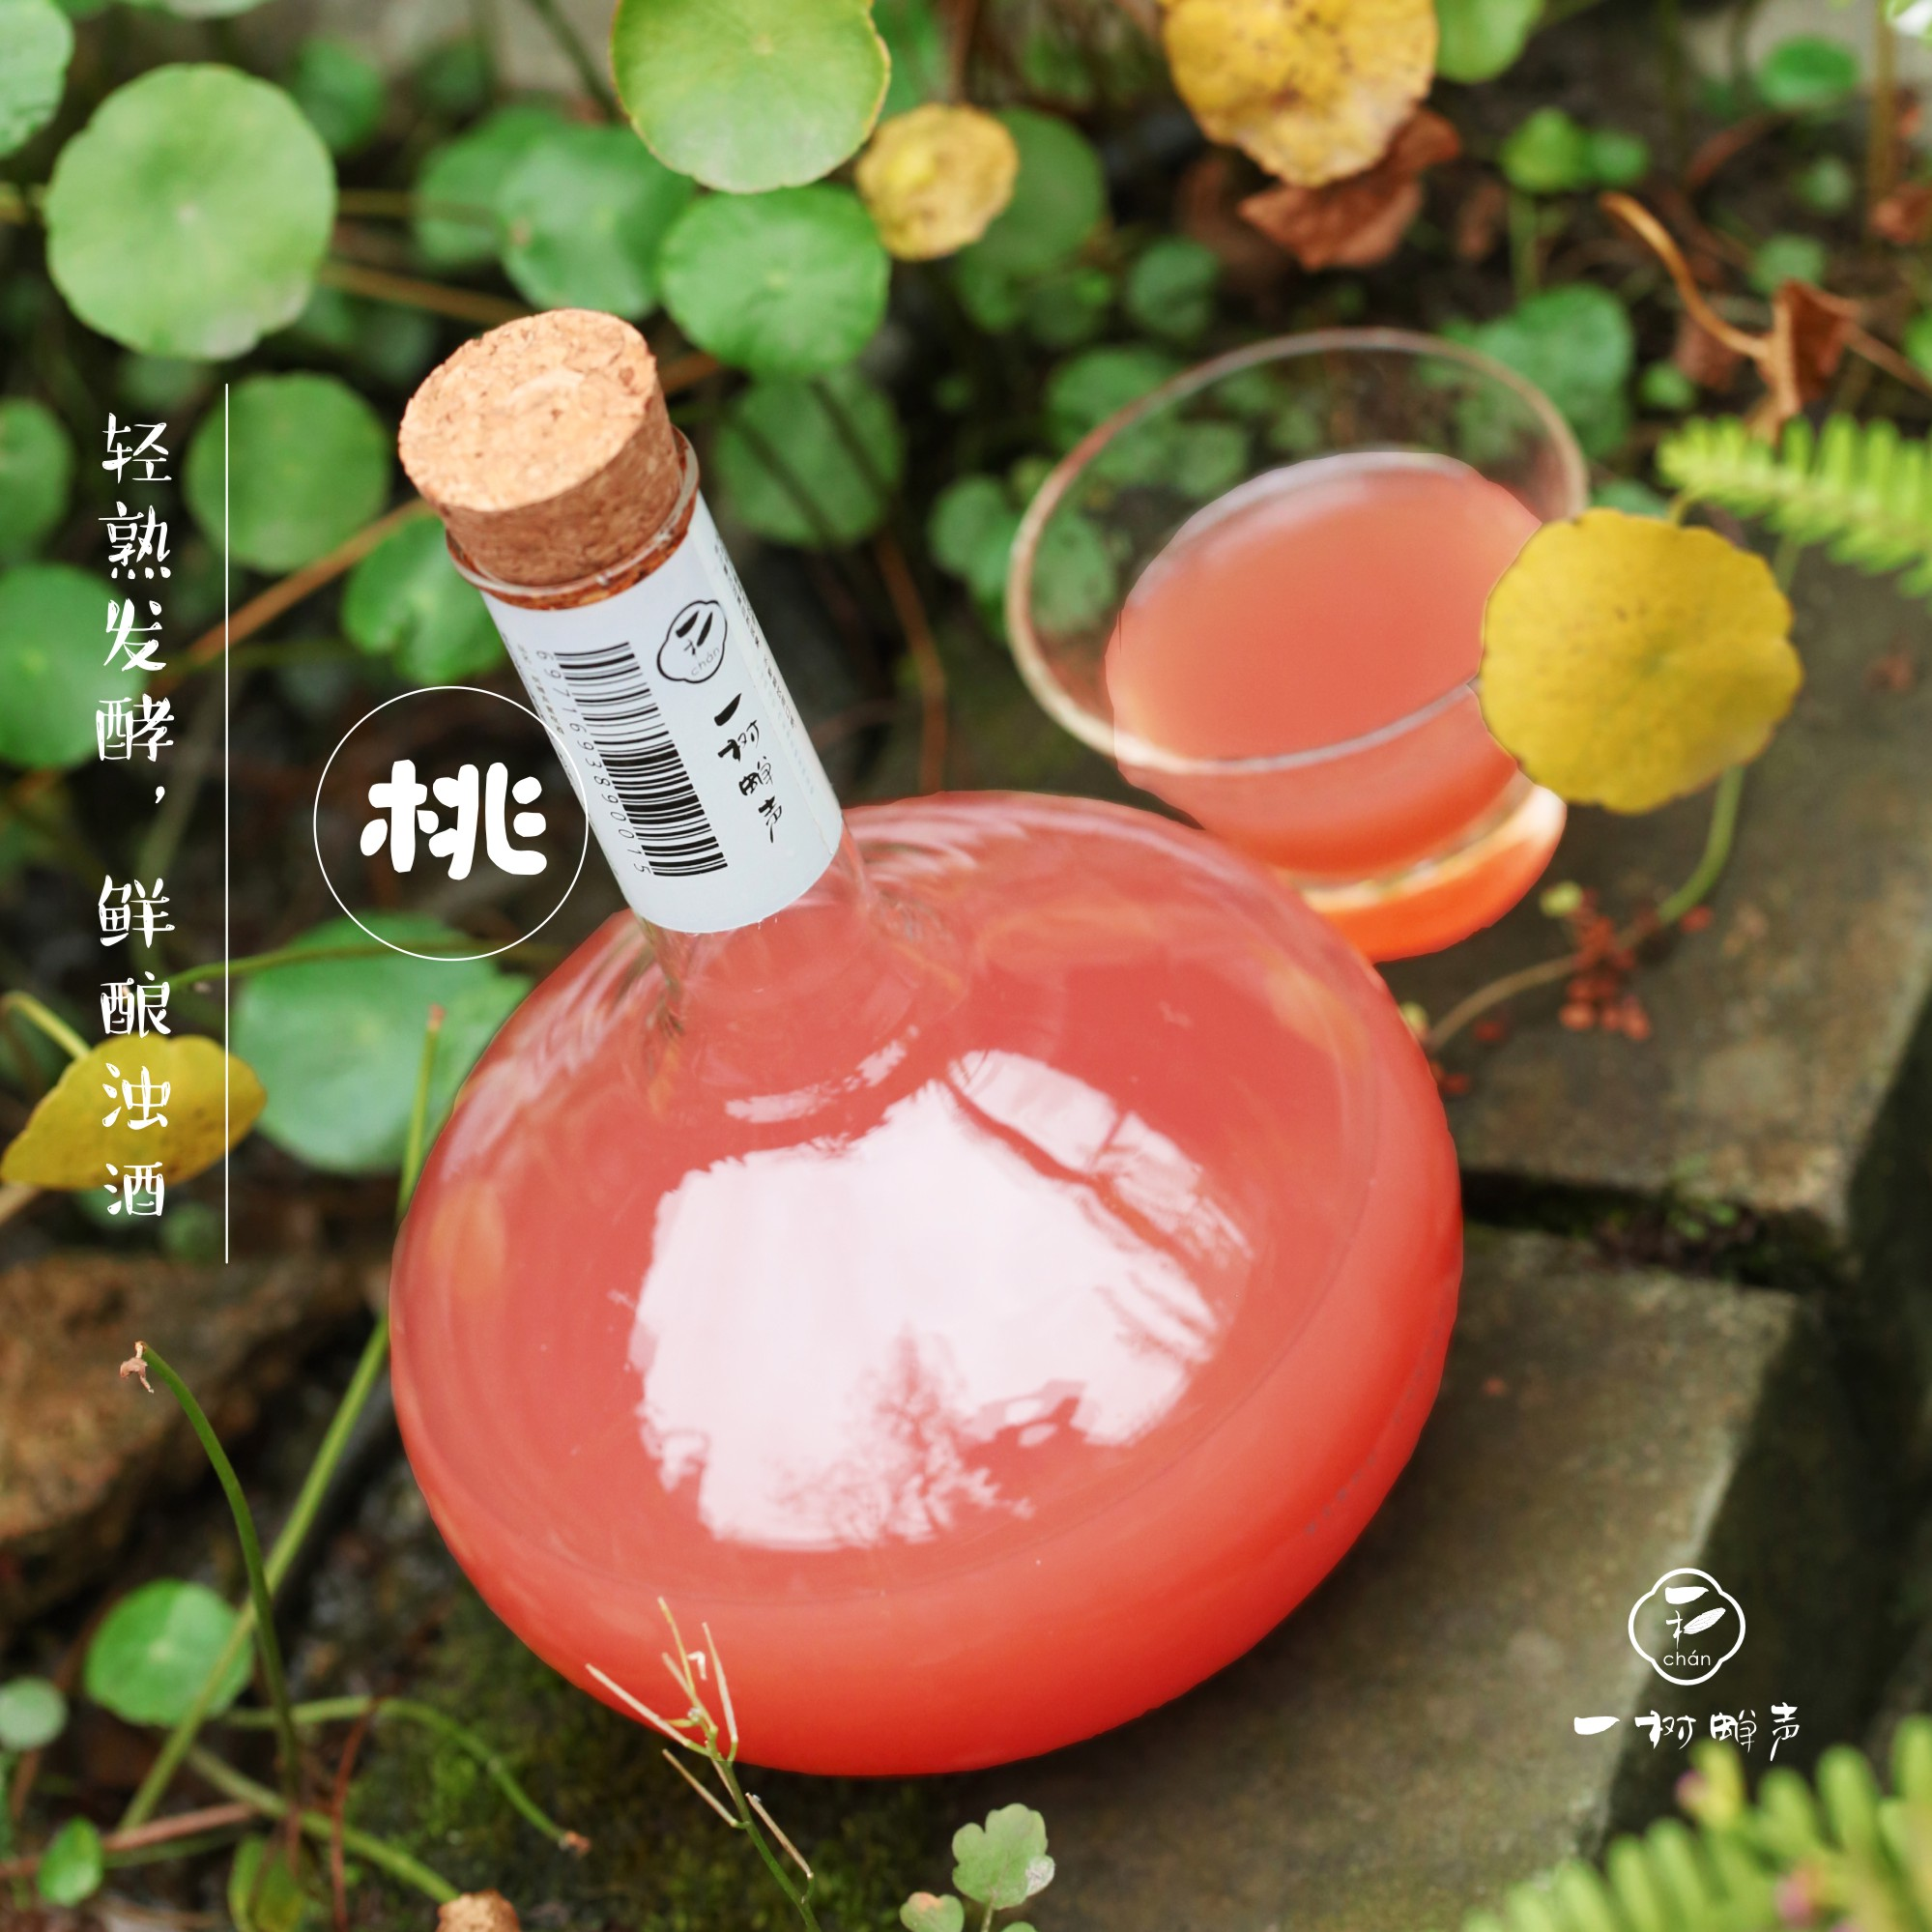 日式白桃浊酒高颜值网红果酒 一树蝉声浊酒系列新品预售